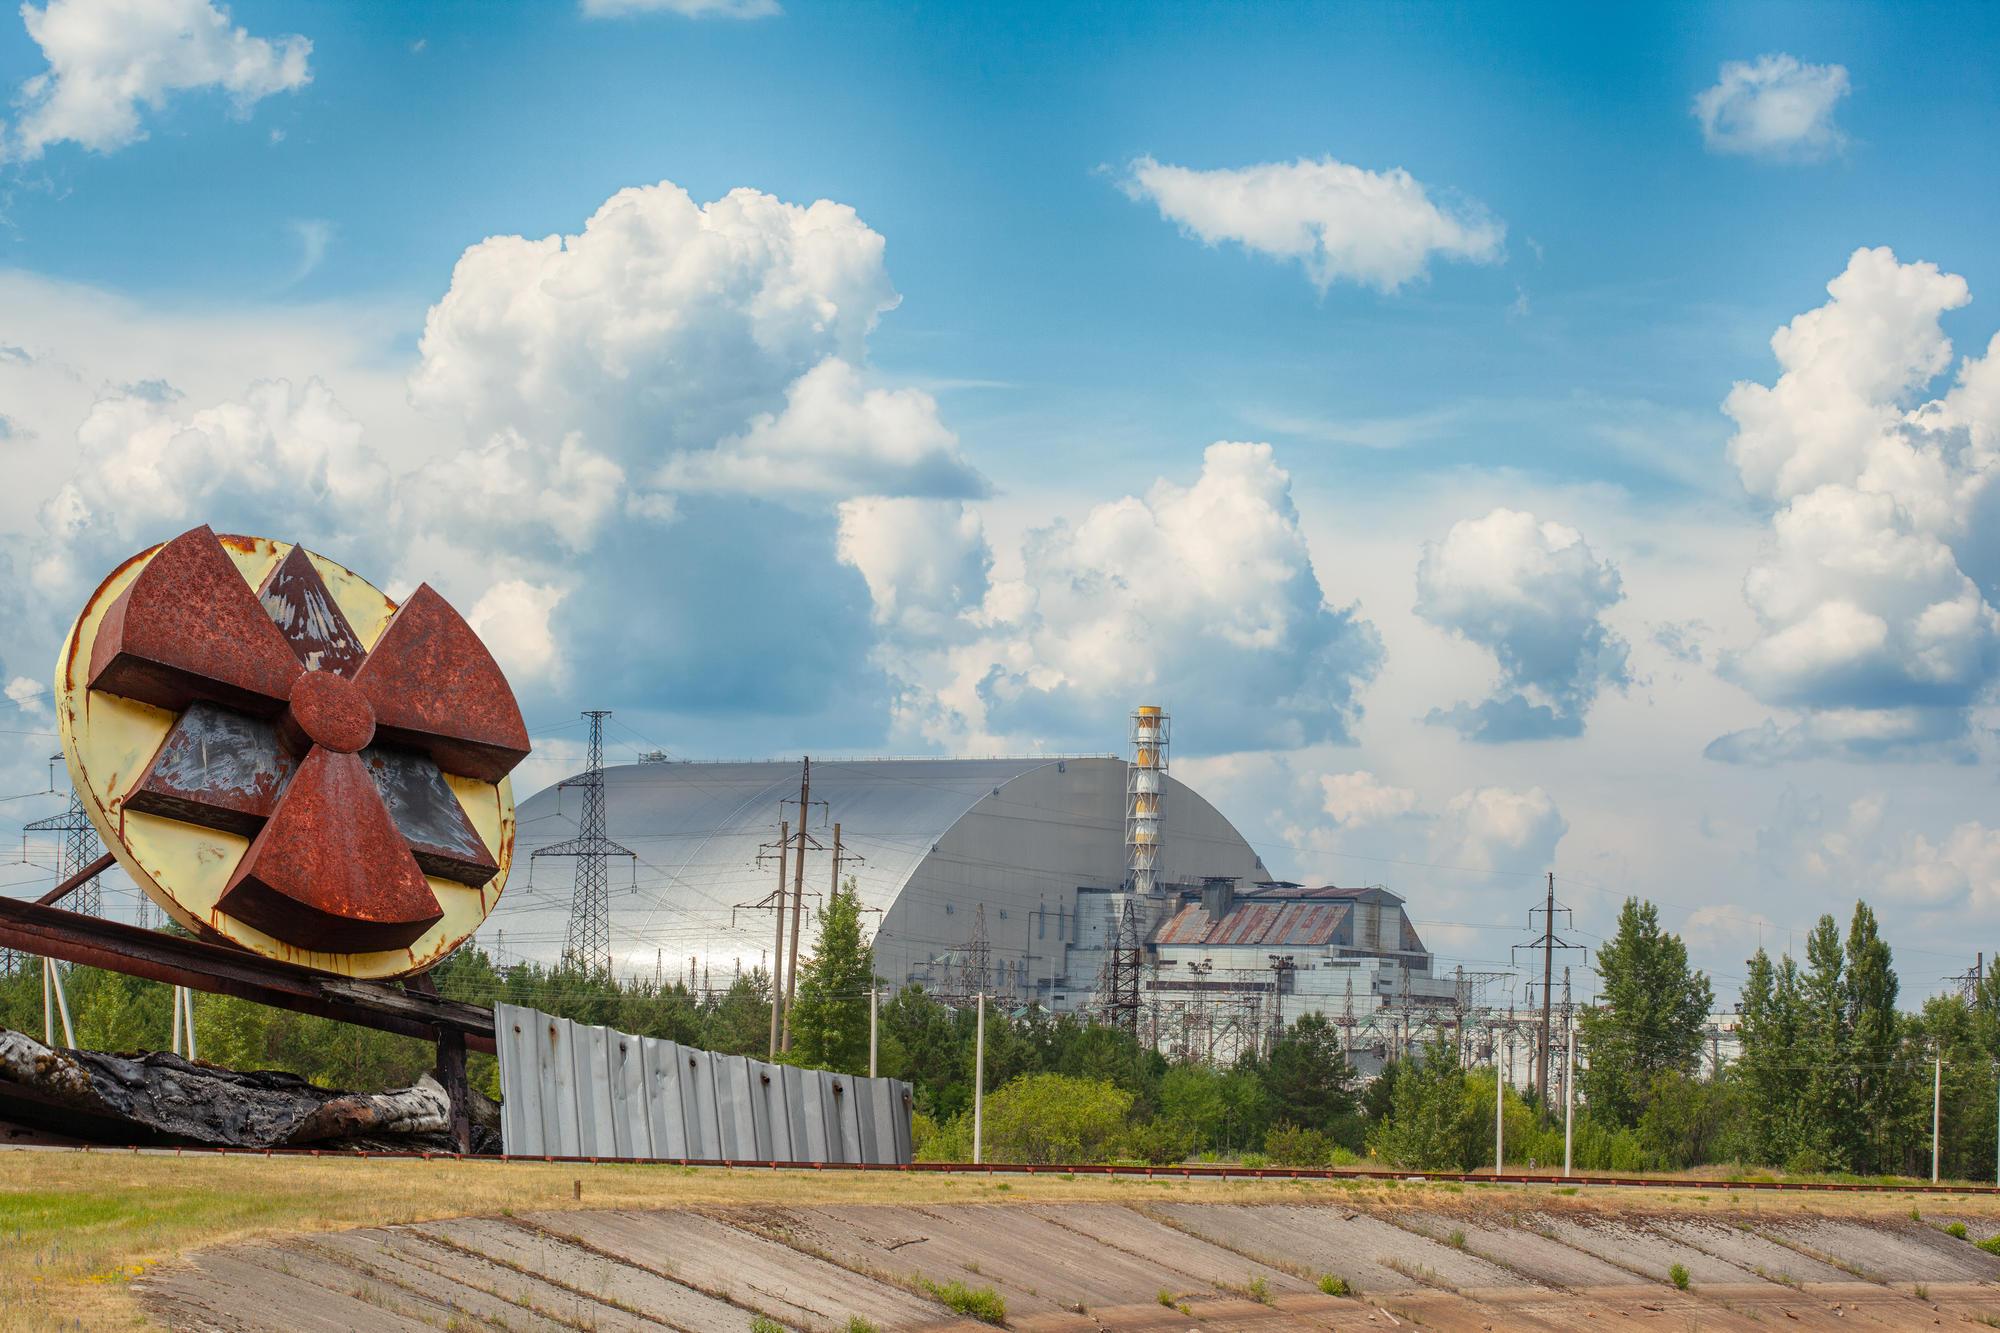 Чорнобильська АЕС саркофаг